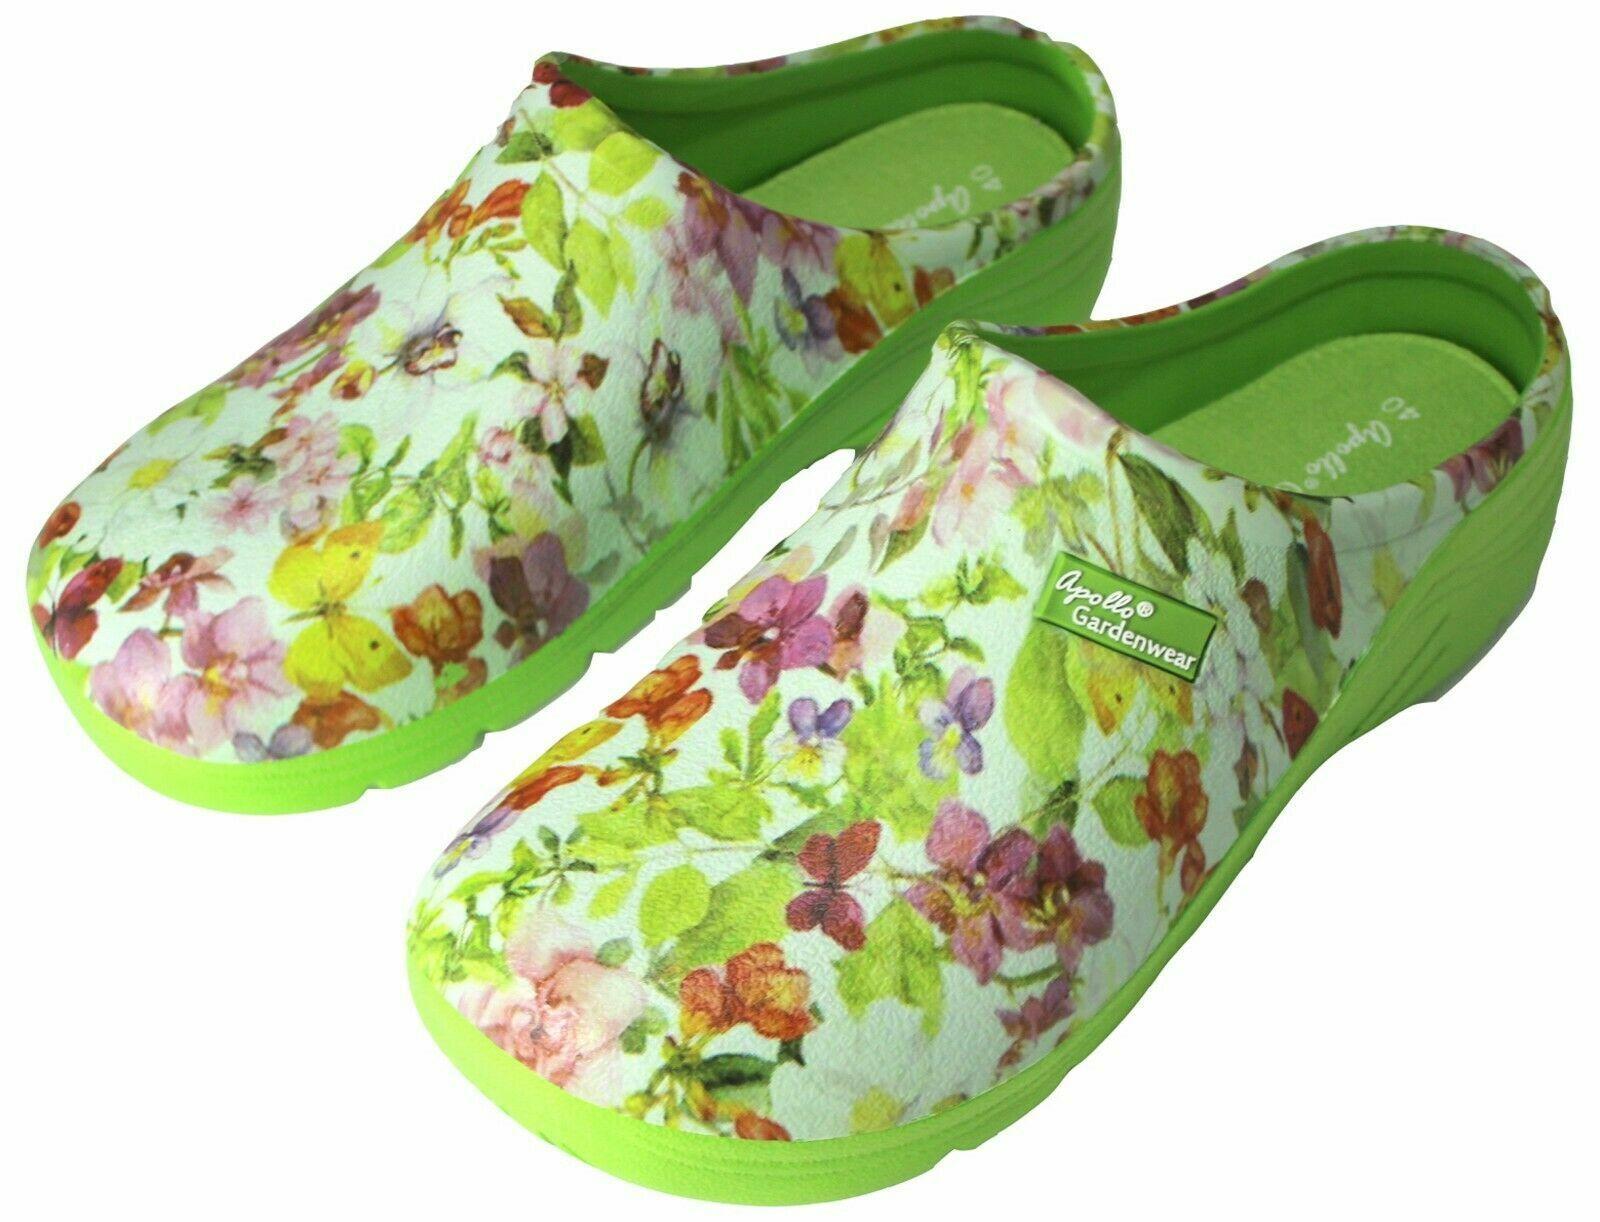 DUNLOP Galosche Gr 45 PVC Gartenschuhe Gummistiefel Gummi Schuhe Galoschen NEU